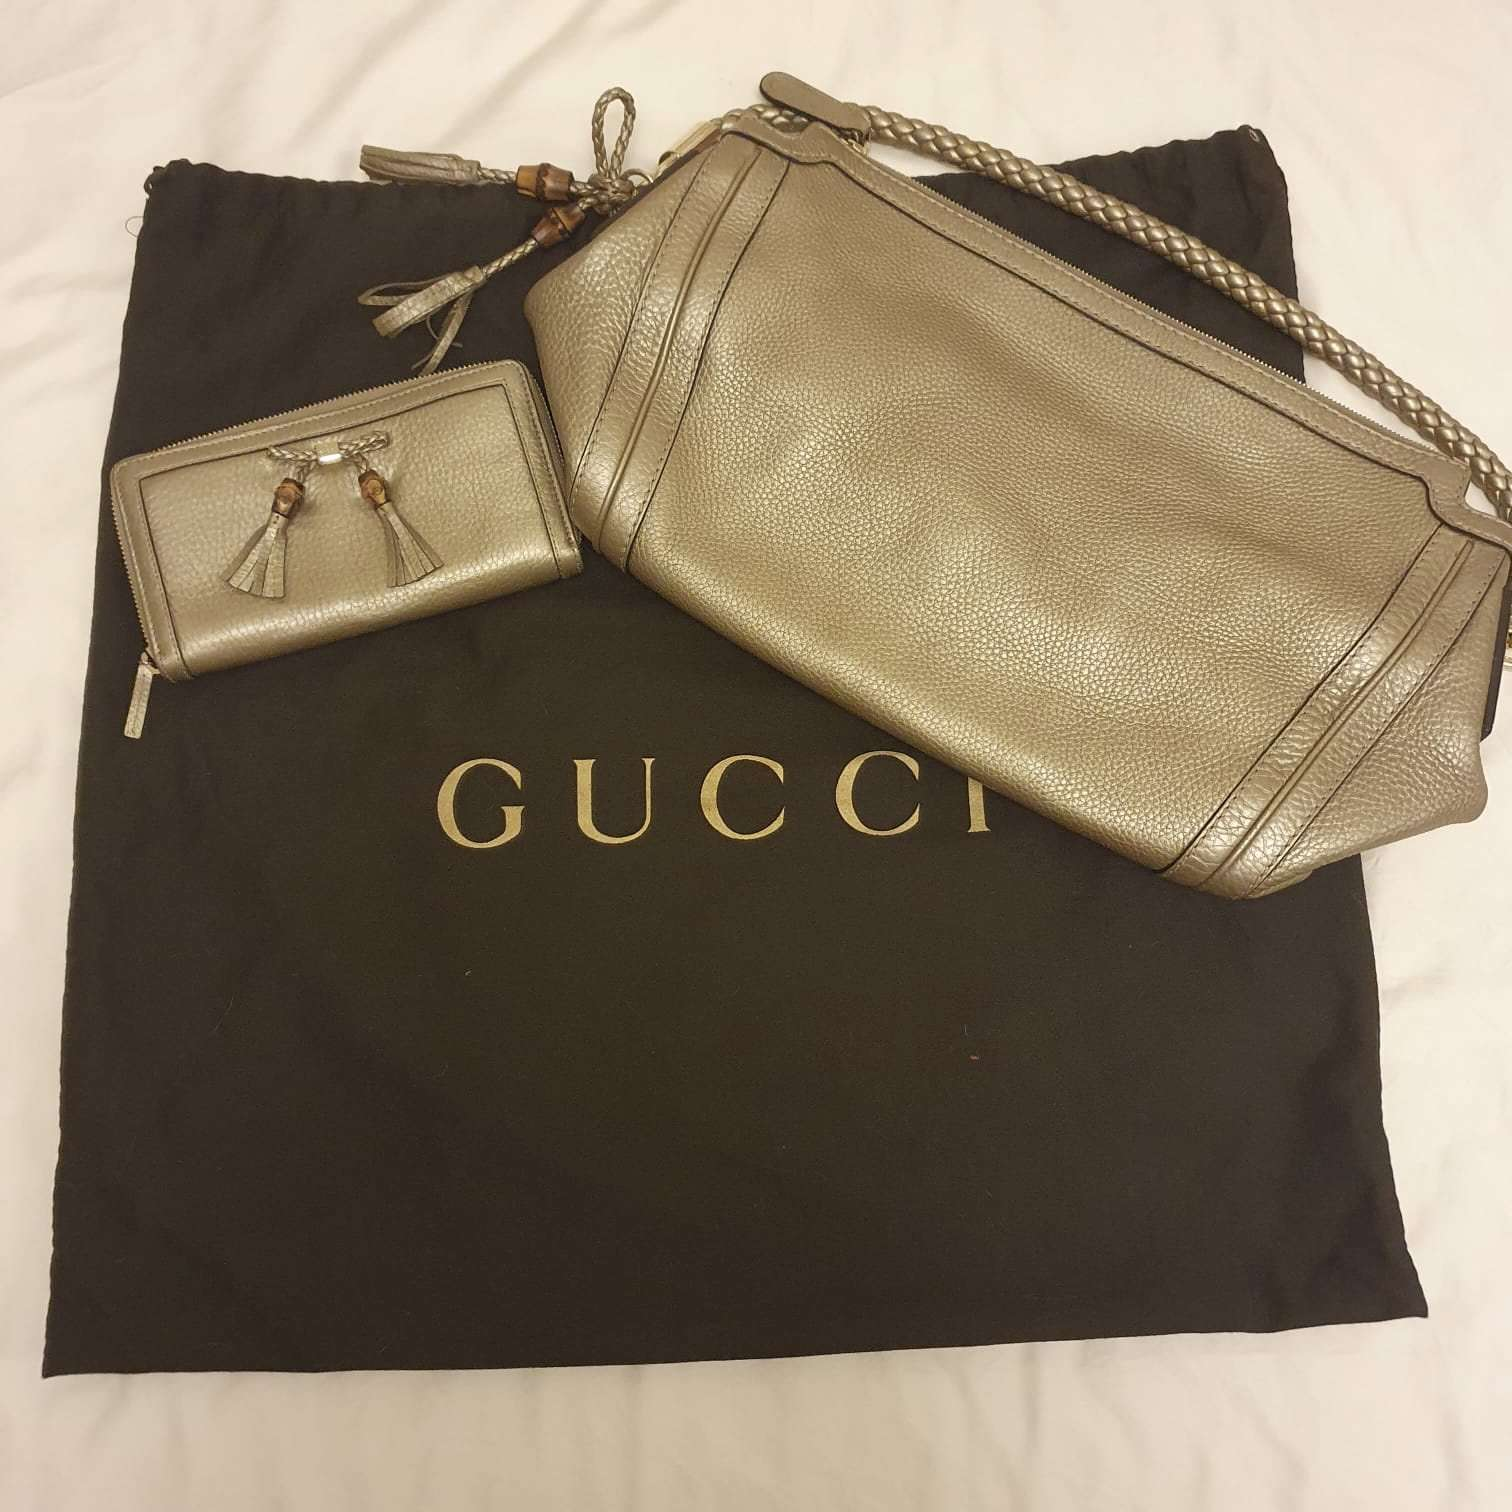 Matching Gucci handbag and purse